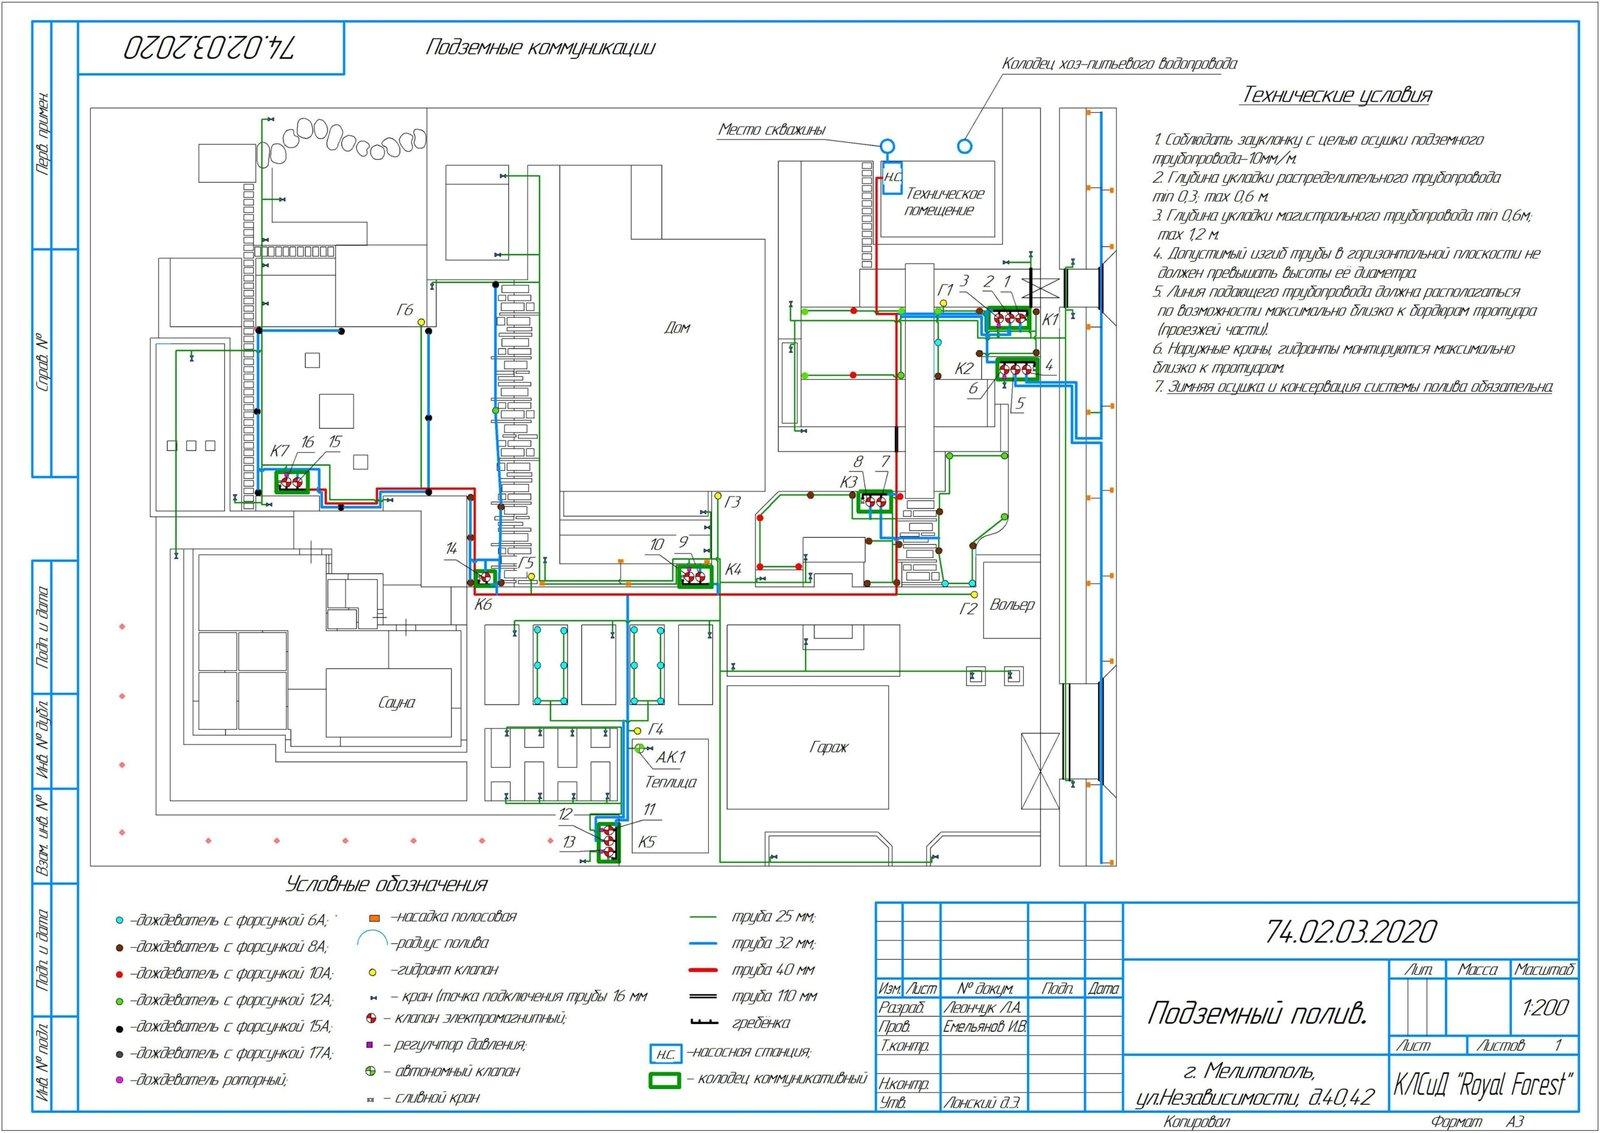 План системы автоматического полива Киев, проект системы автоматического полива Киев, проект автополива Киев, проектирование полива